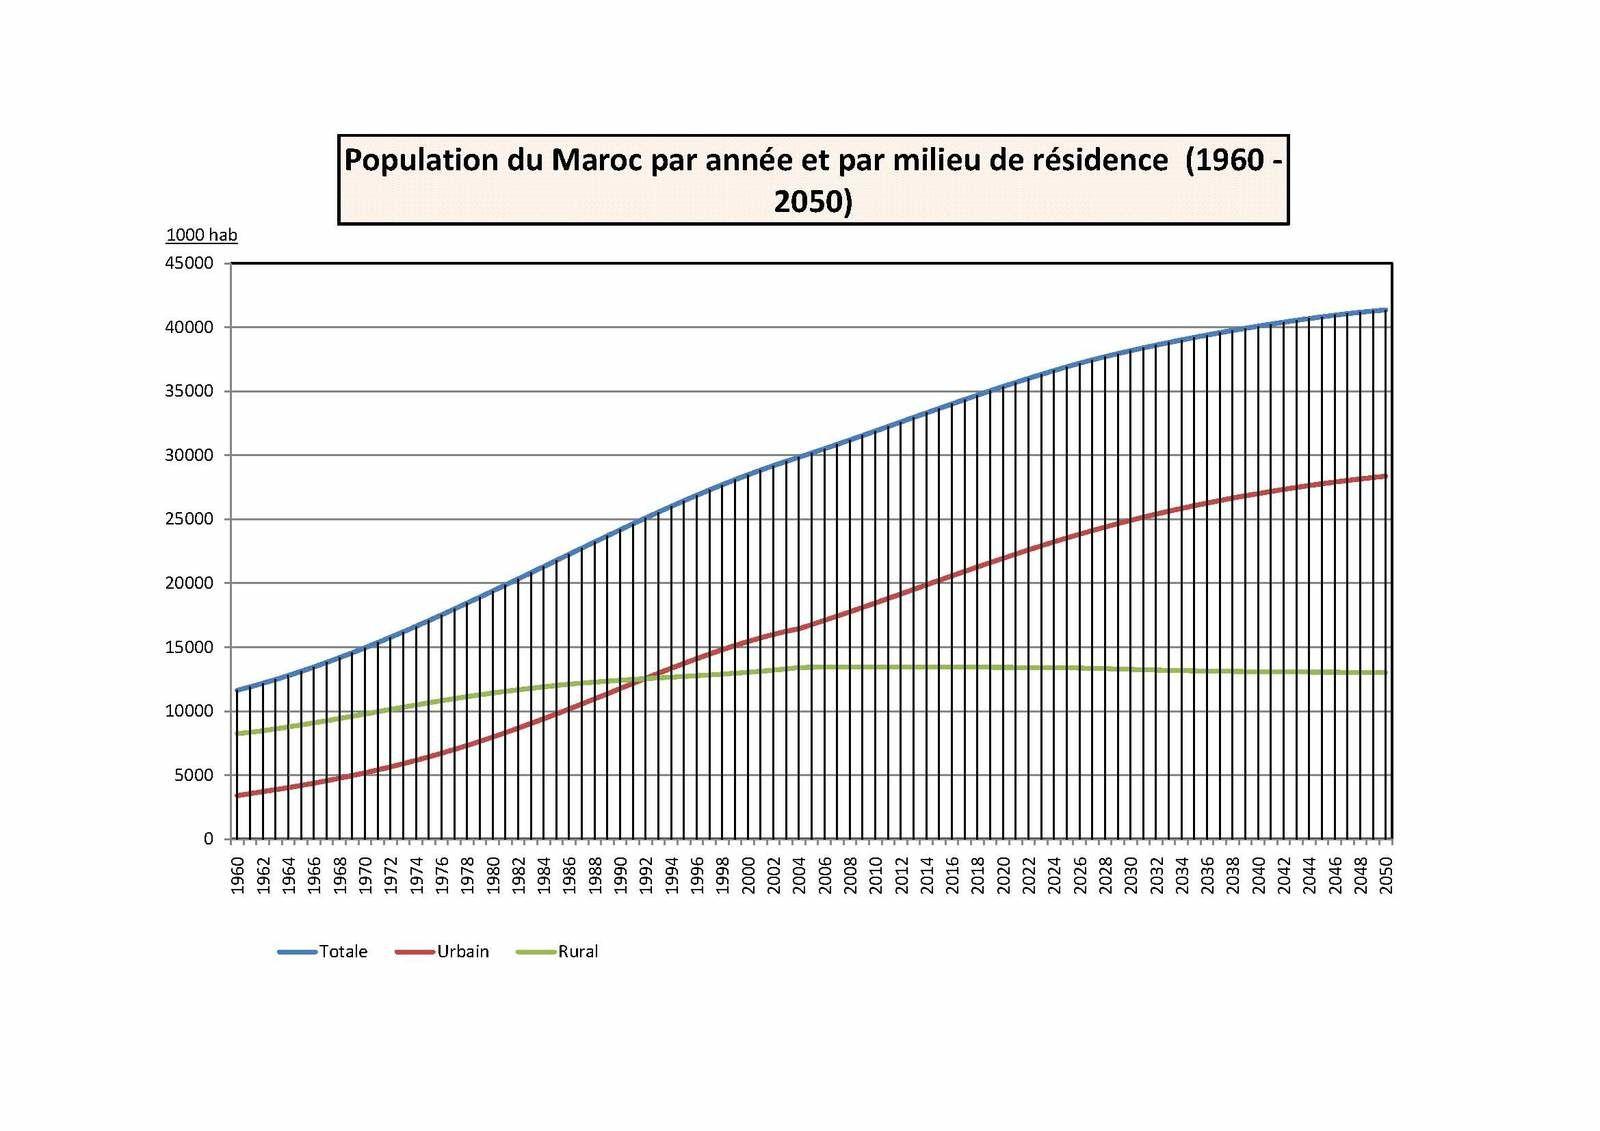 ÉVOLUTION DE LA POPULATION DU MAROC ENTRE 1960 ET 2050 (POUR ANALYSE S3)